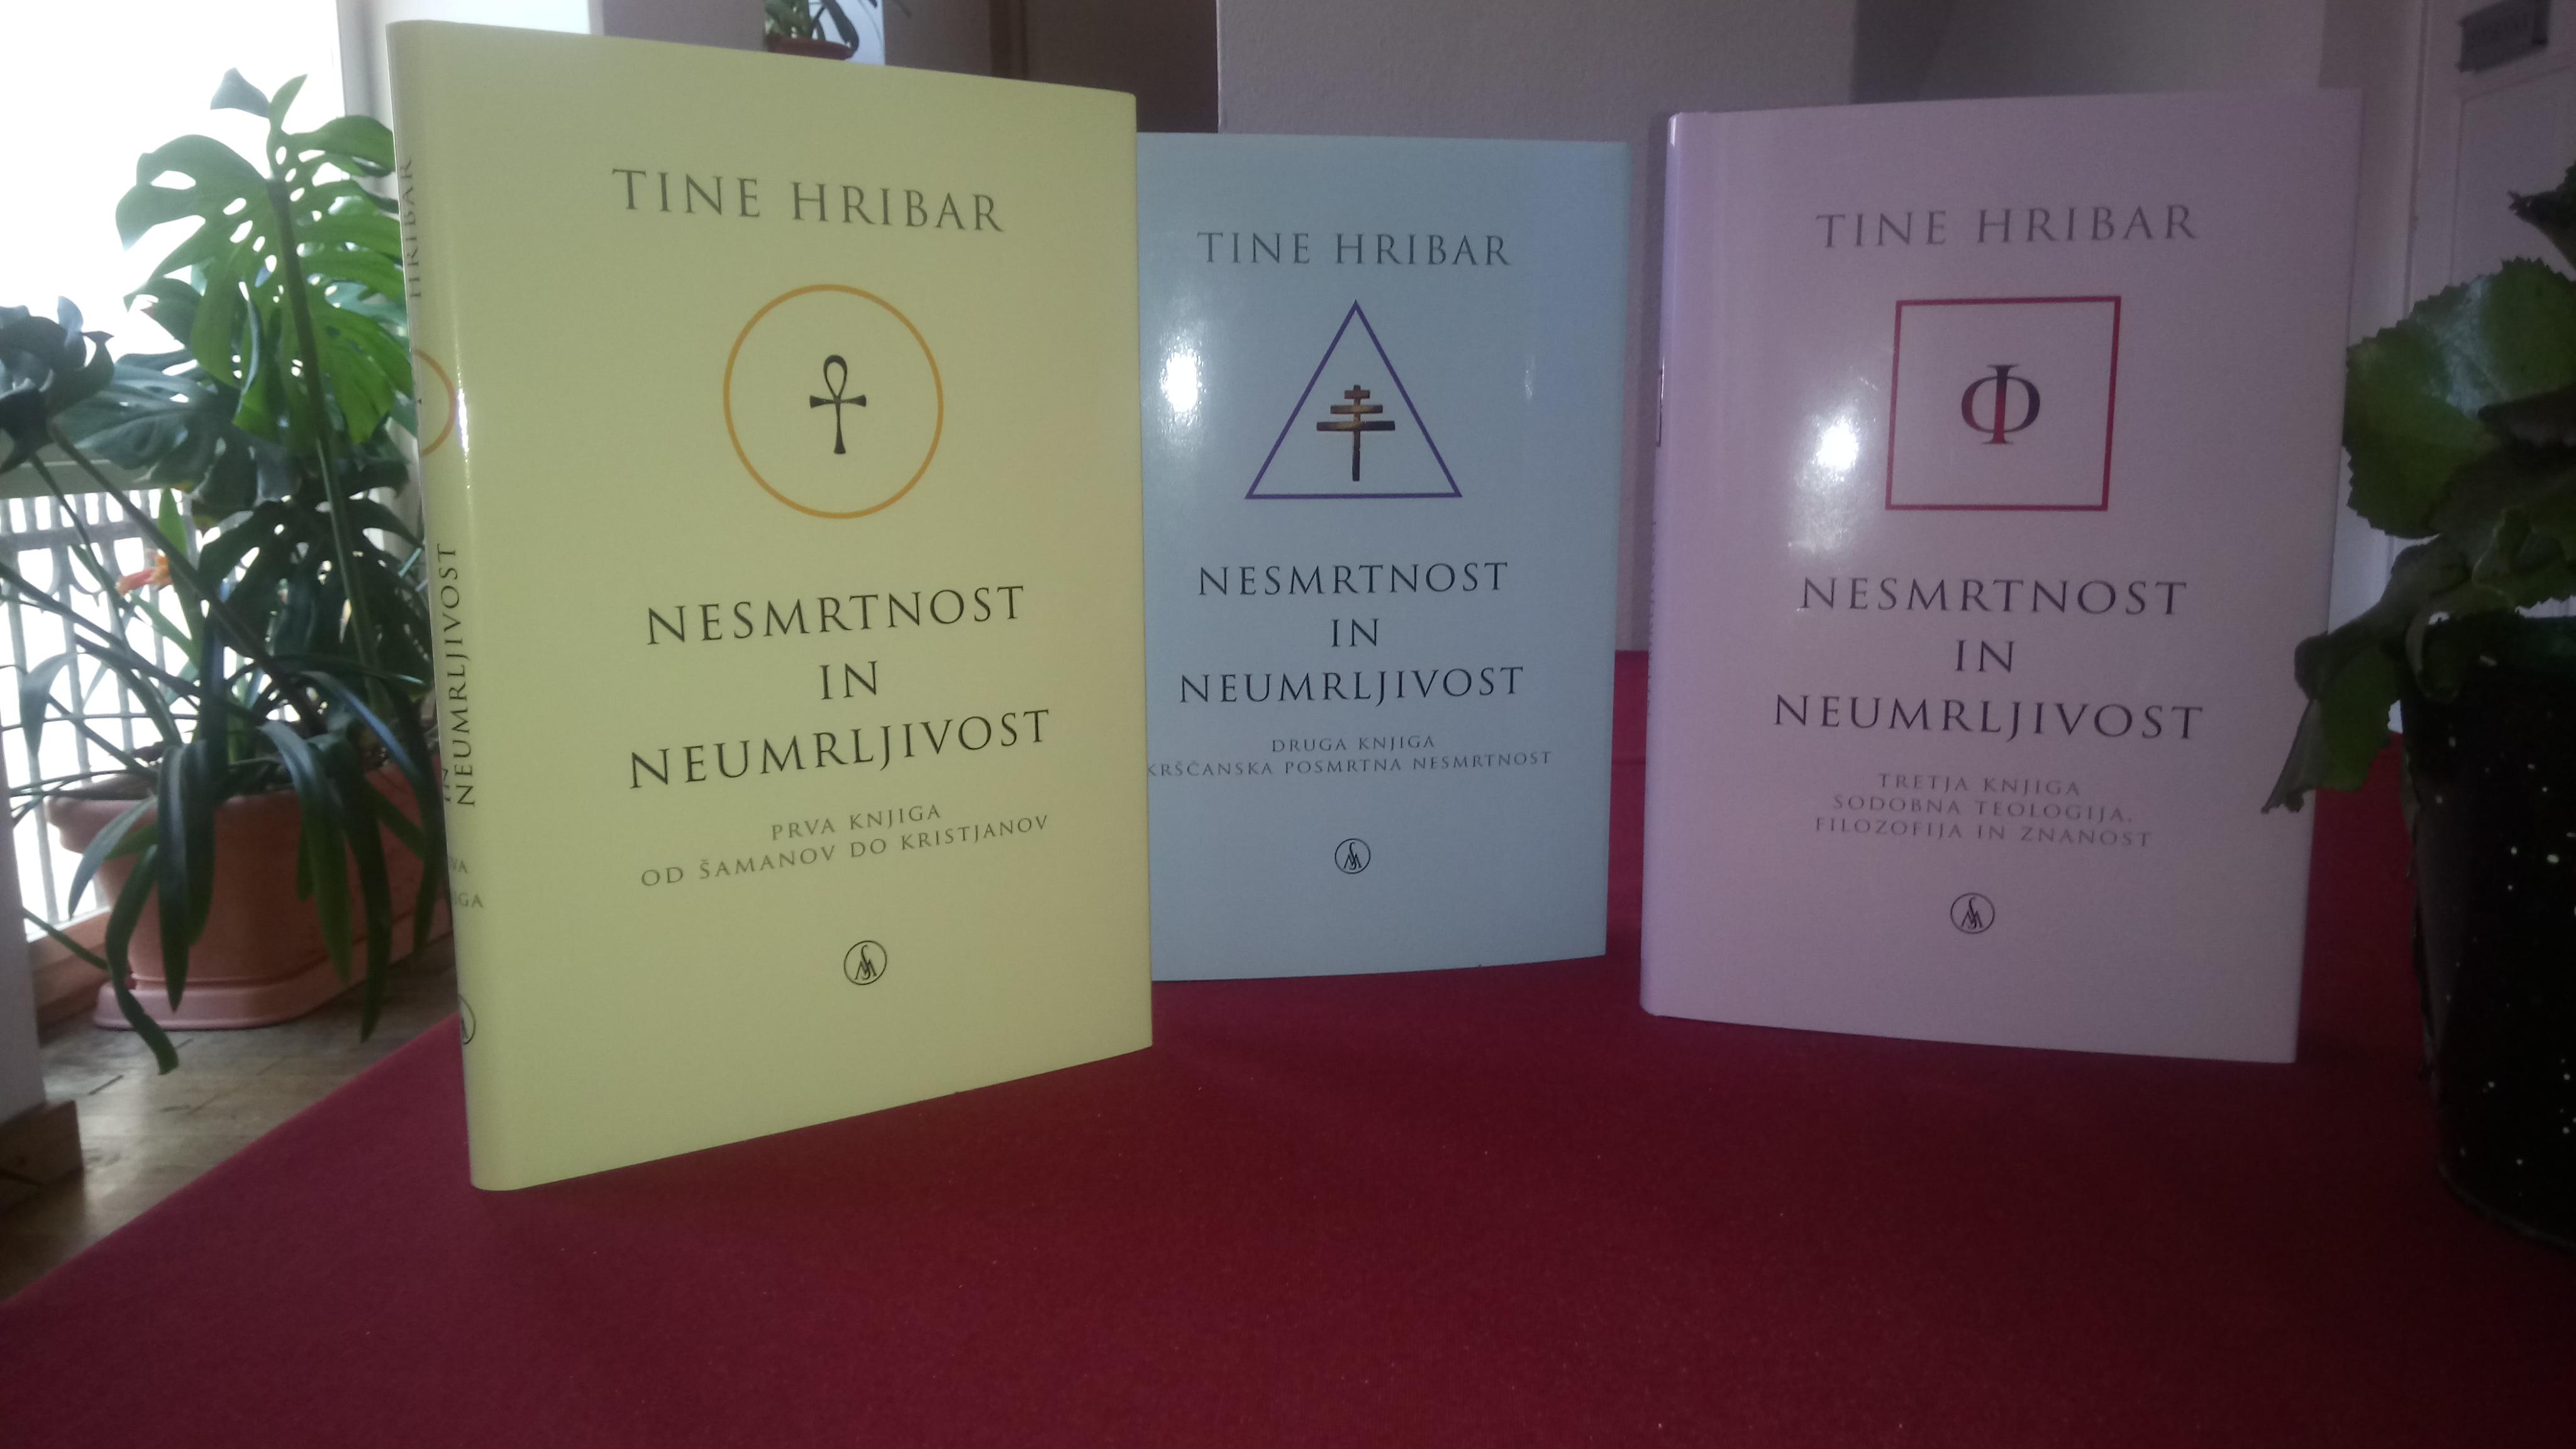 Pogovor o filozofski trilogiji Nesmrtnost in neumrljivost akad. prof. dr. Tineta Hribarja